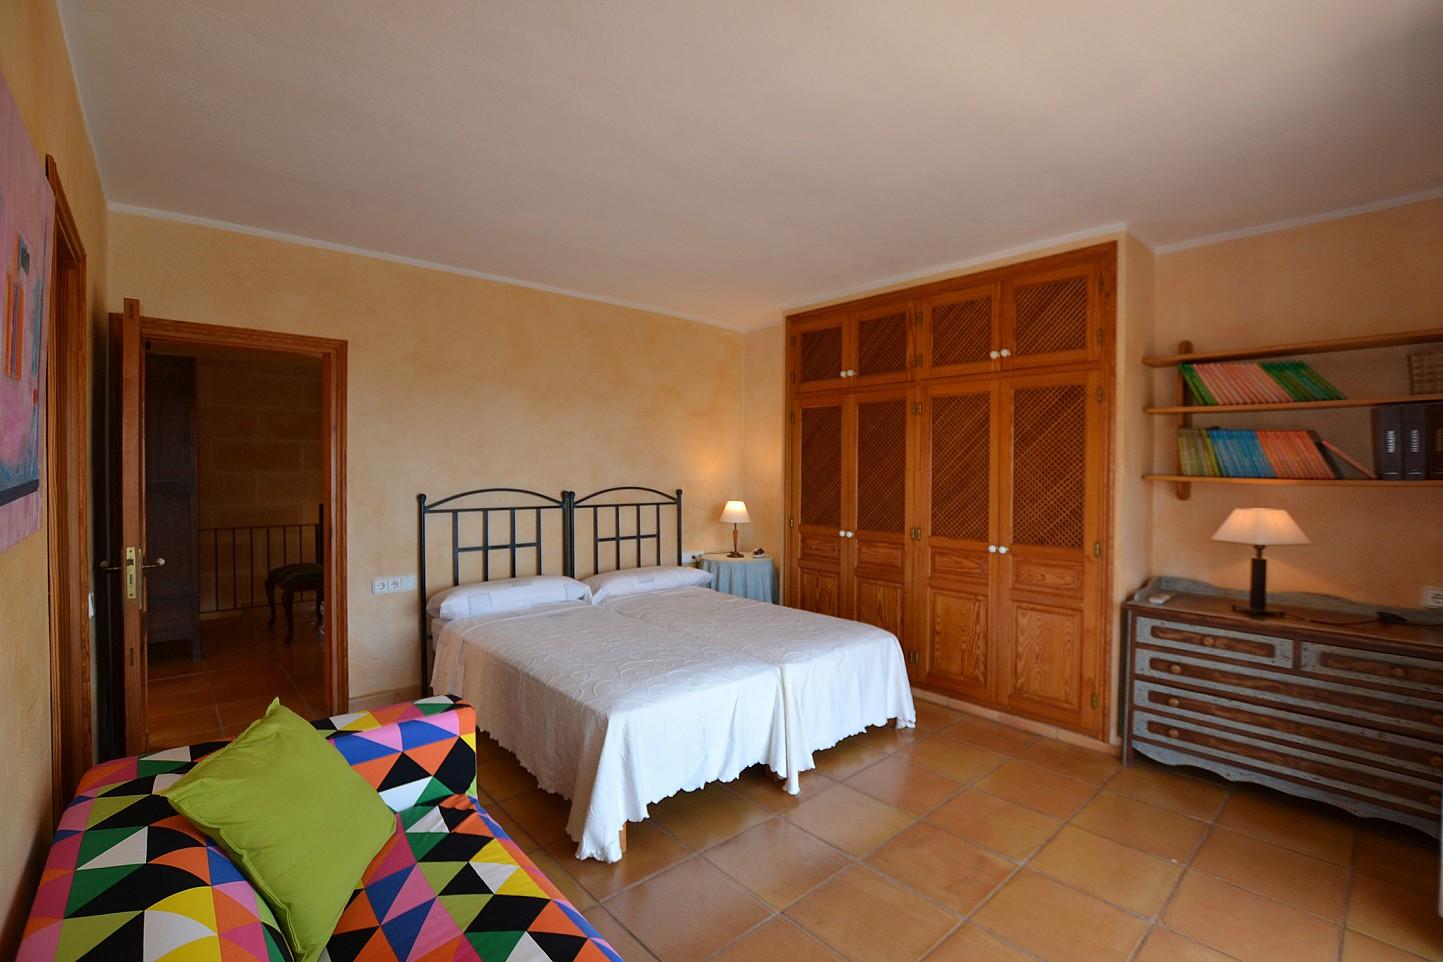 Dormitorio con doble cama amplio y soleado